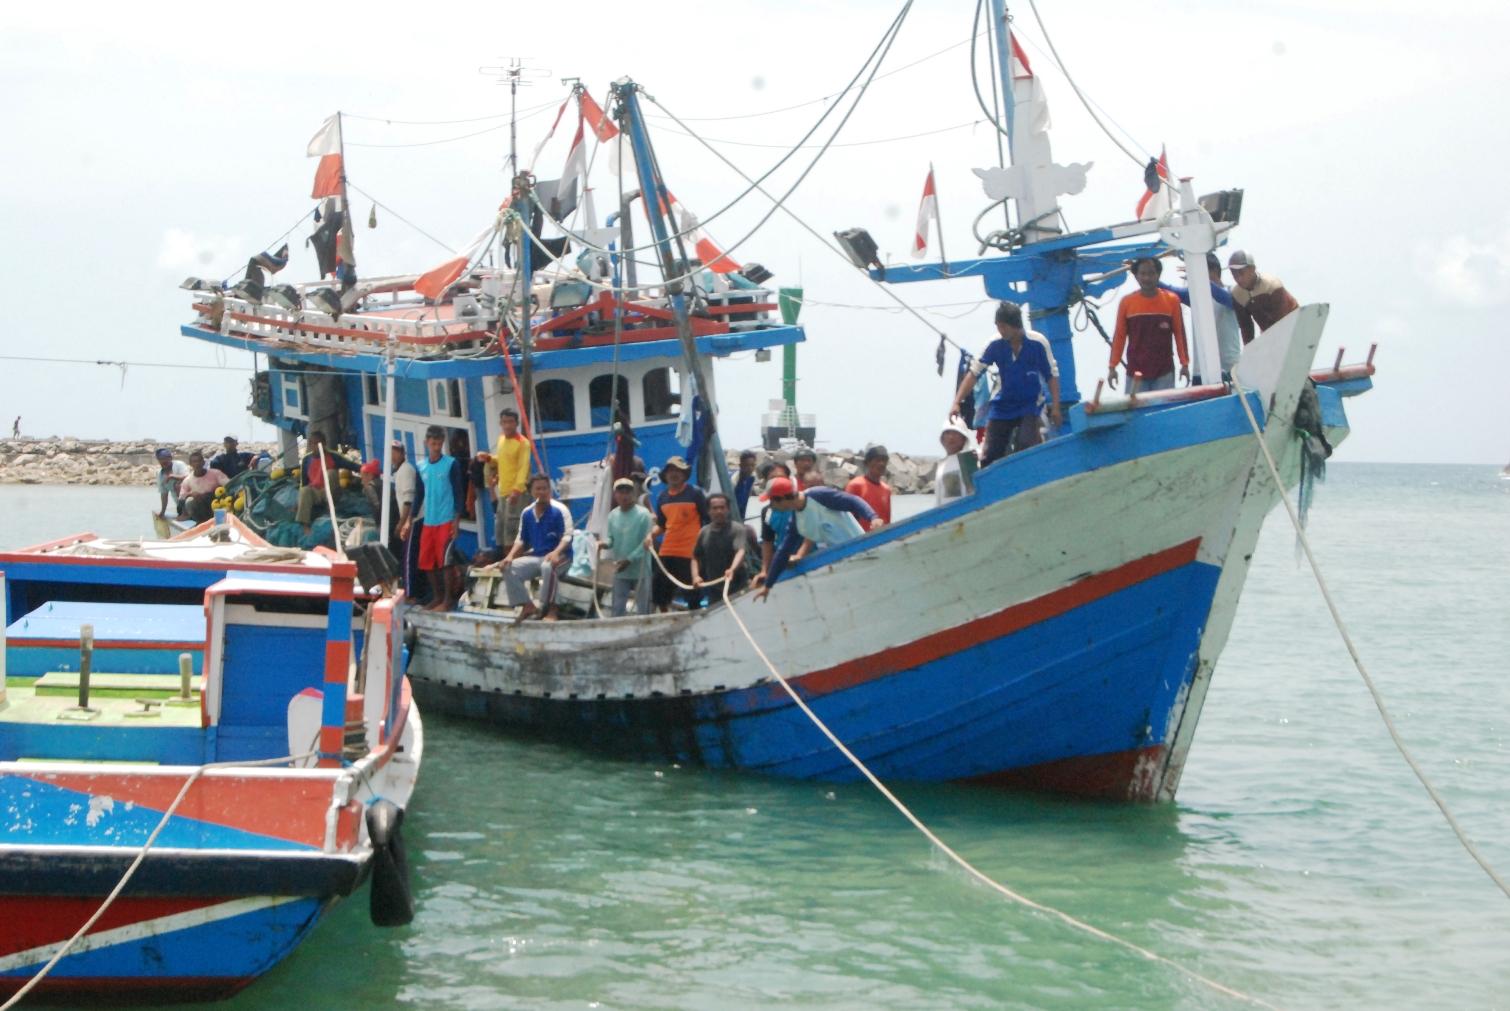 Kementerian Kelautan dan Perikanan (KKP) Terbitkan 312 Izin Untuk Kapal Dan Pengusaha